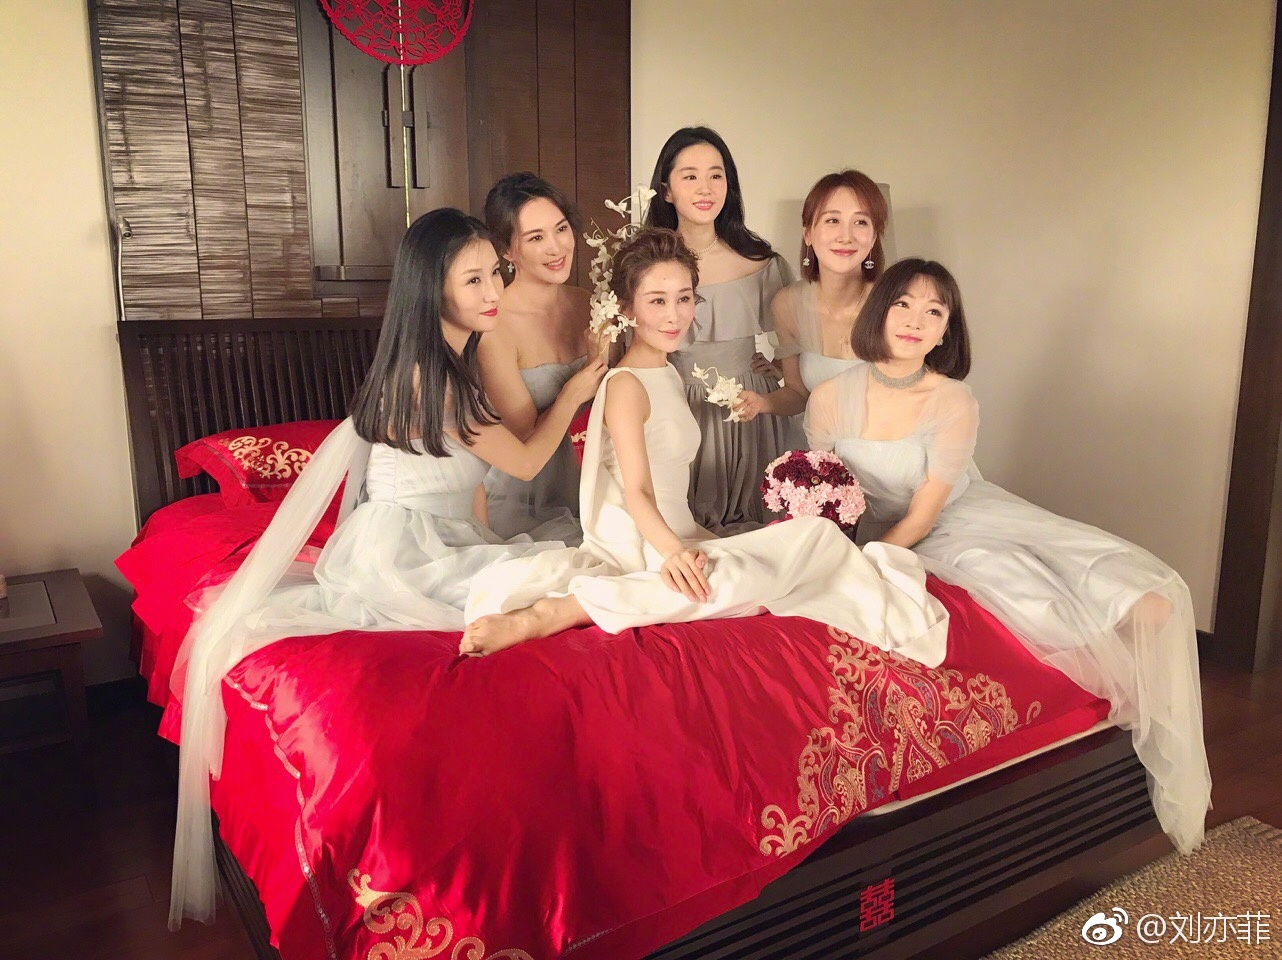 刘亦菲高清图片壁纸 刘亦菲微博图片 刘亦菲图片 刘亦菲图片大全 明星图片 第2张